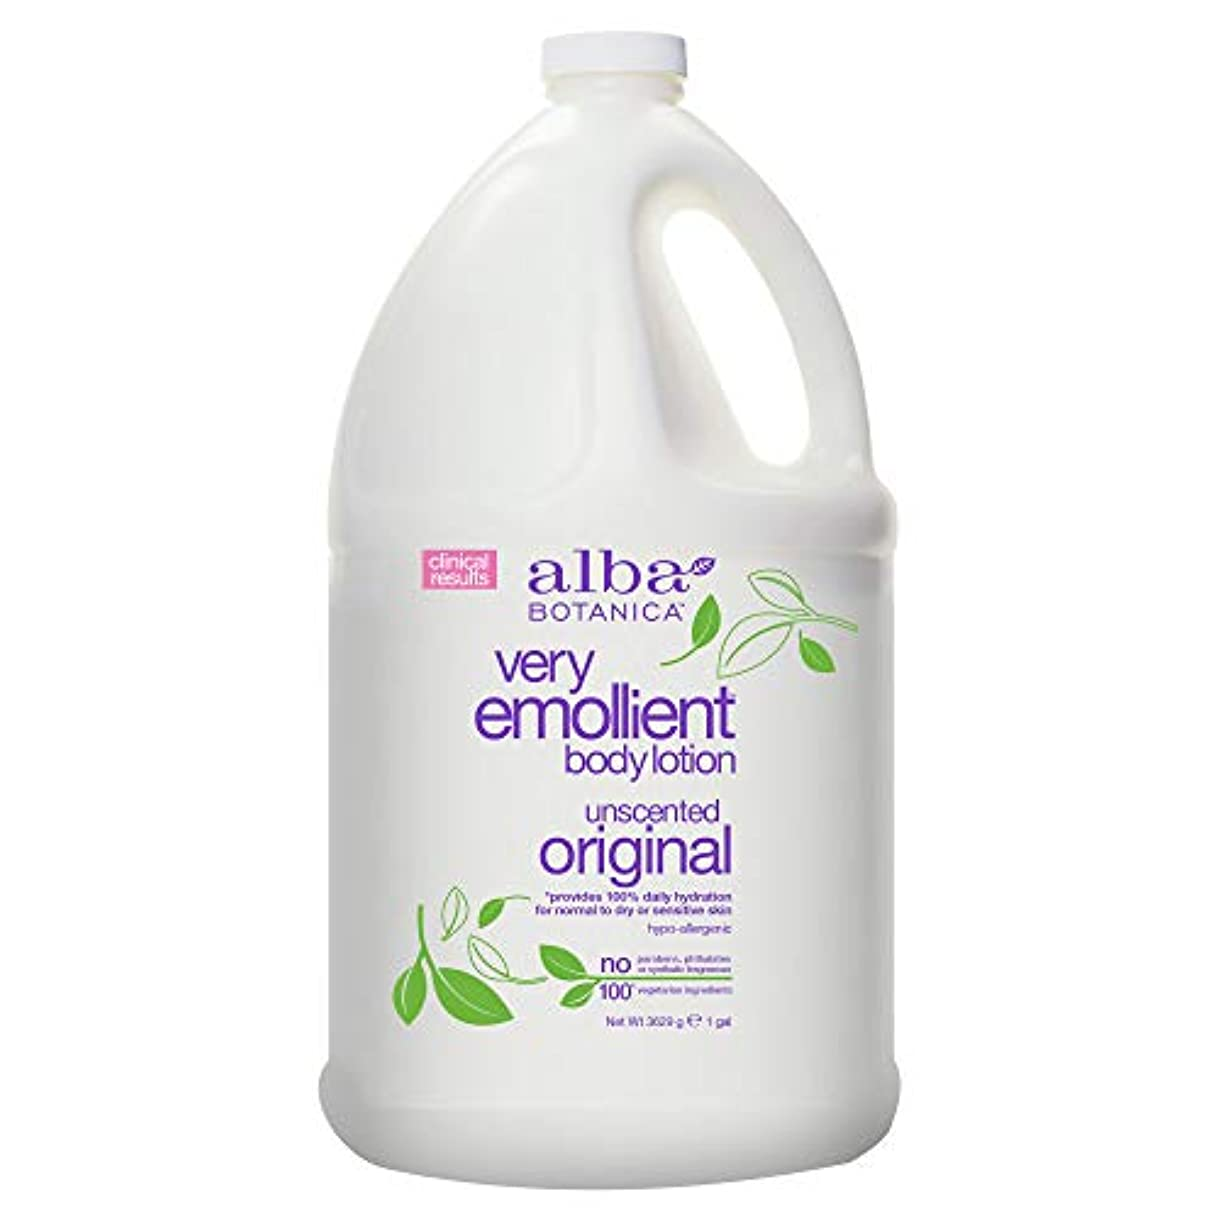 委員会トークン絡まるAlba Botanica Very Emollient Body Lotion Original Unscented - 1 Gallon